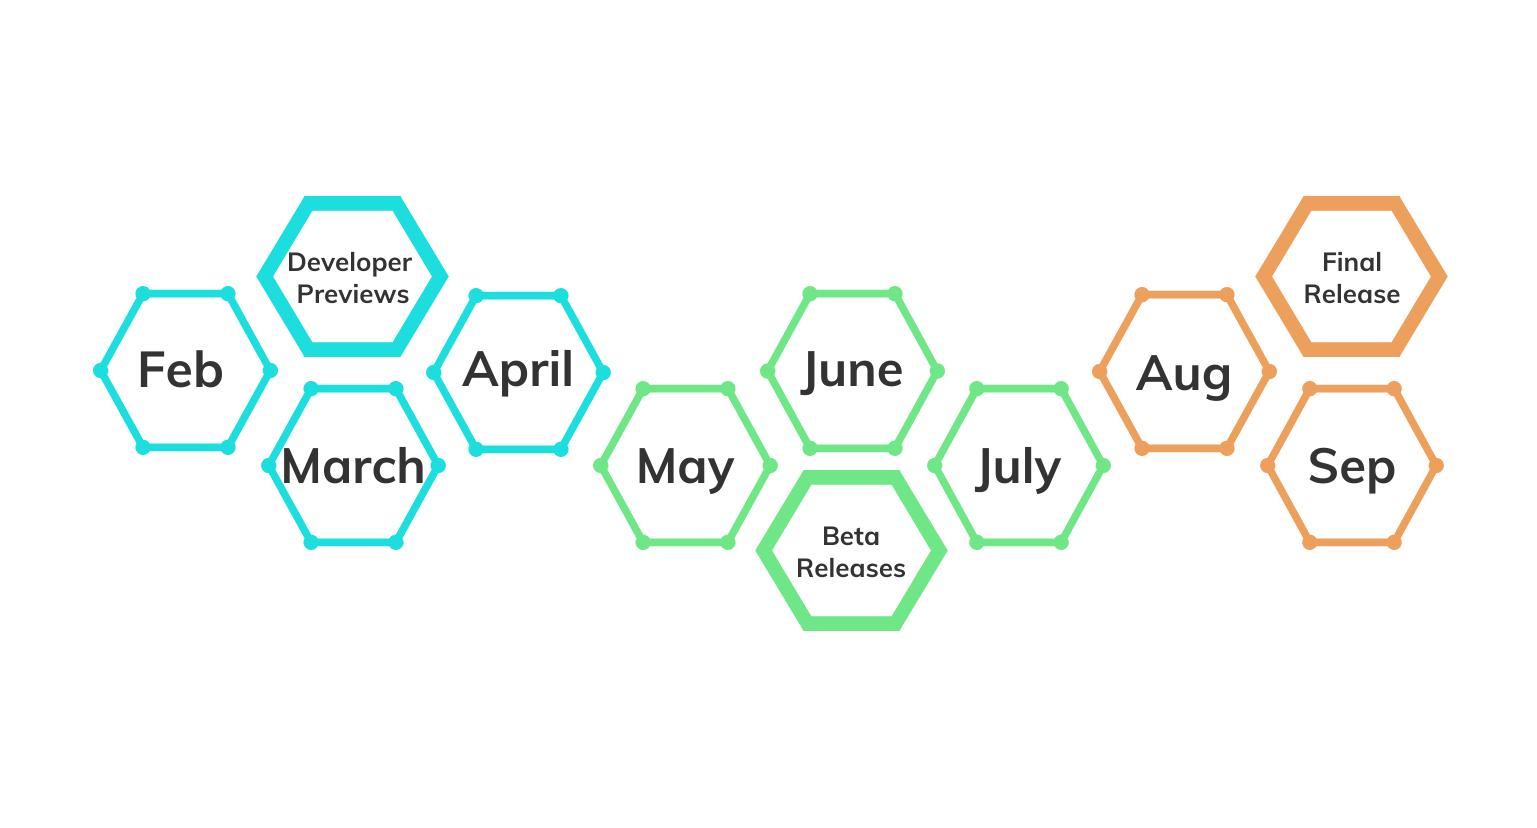 Android enterprise timeline